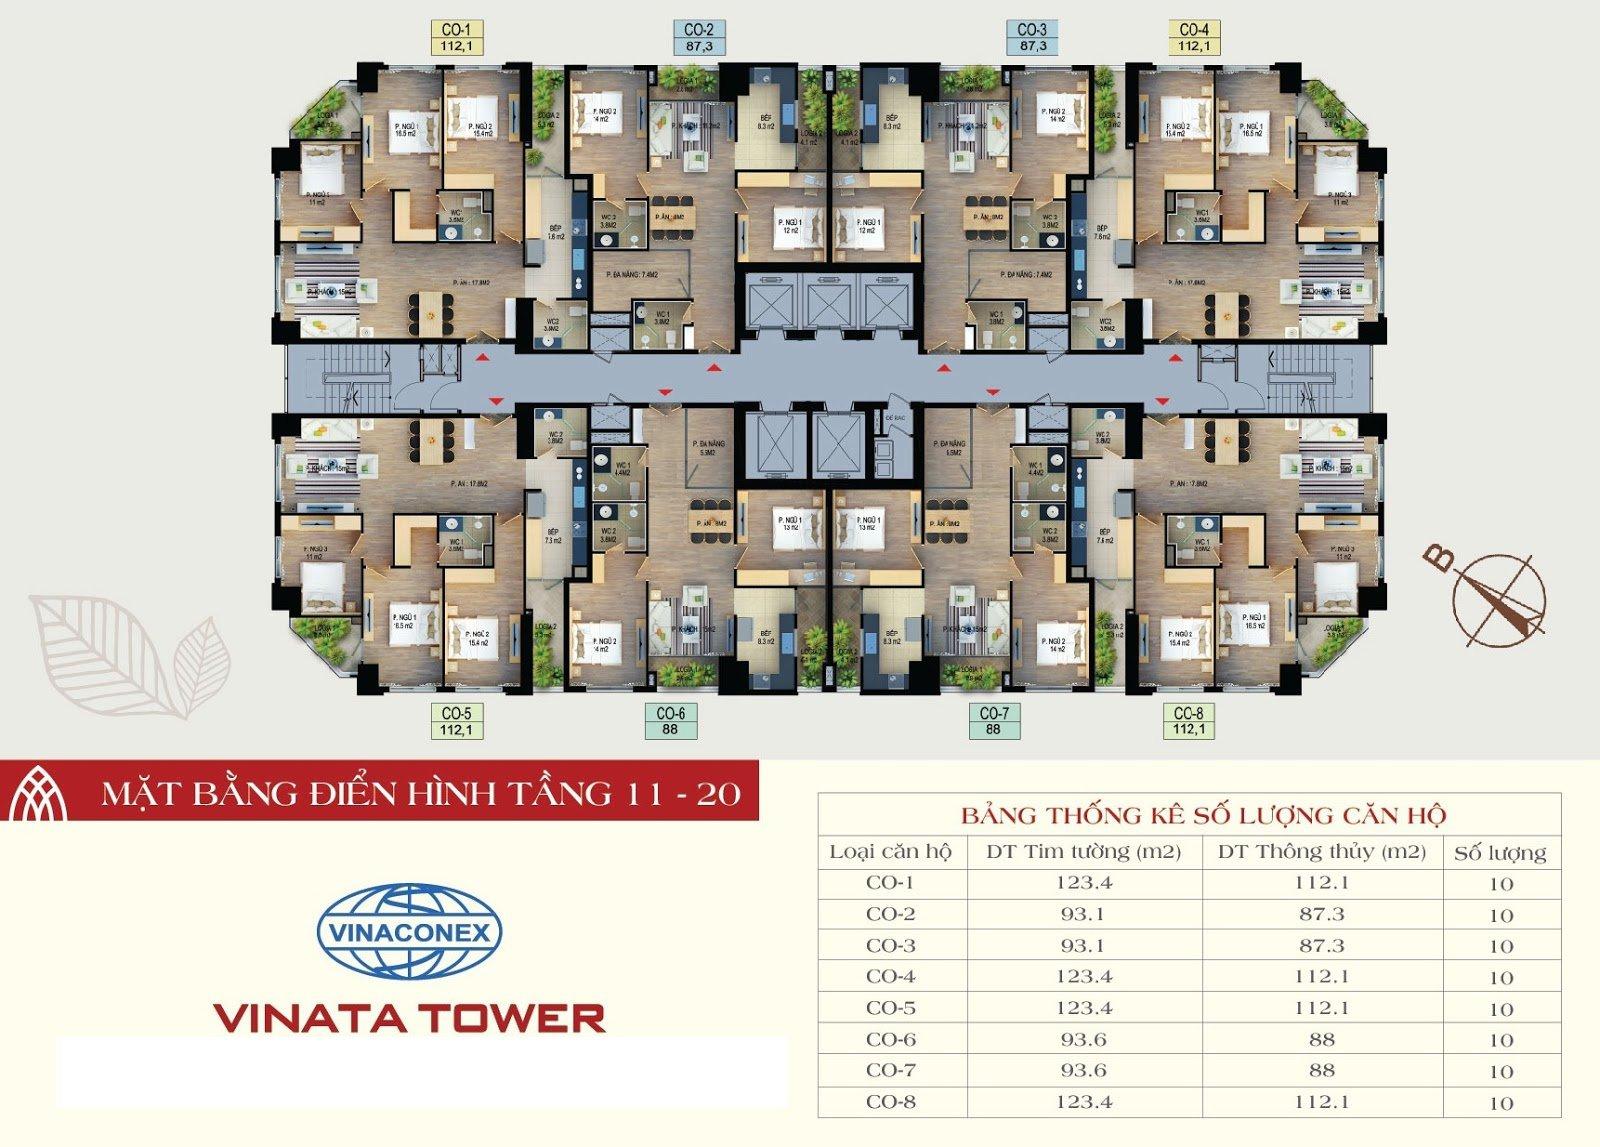 Mặt bằng sàn tầng 11-20 chung cư Vinata Tower